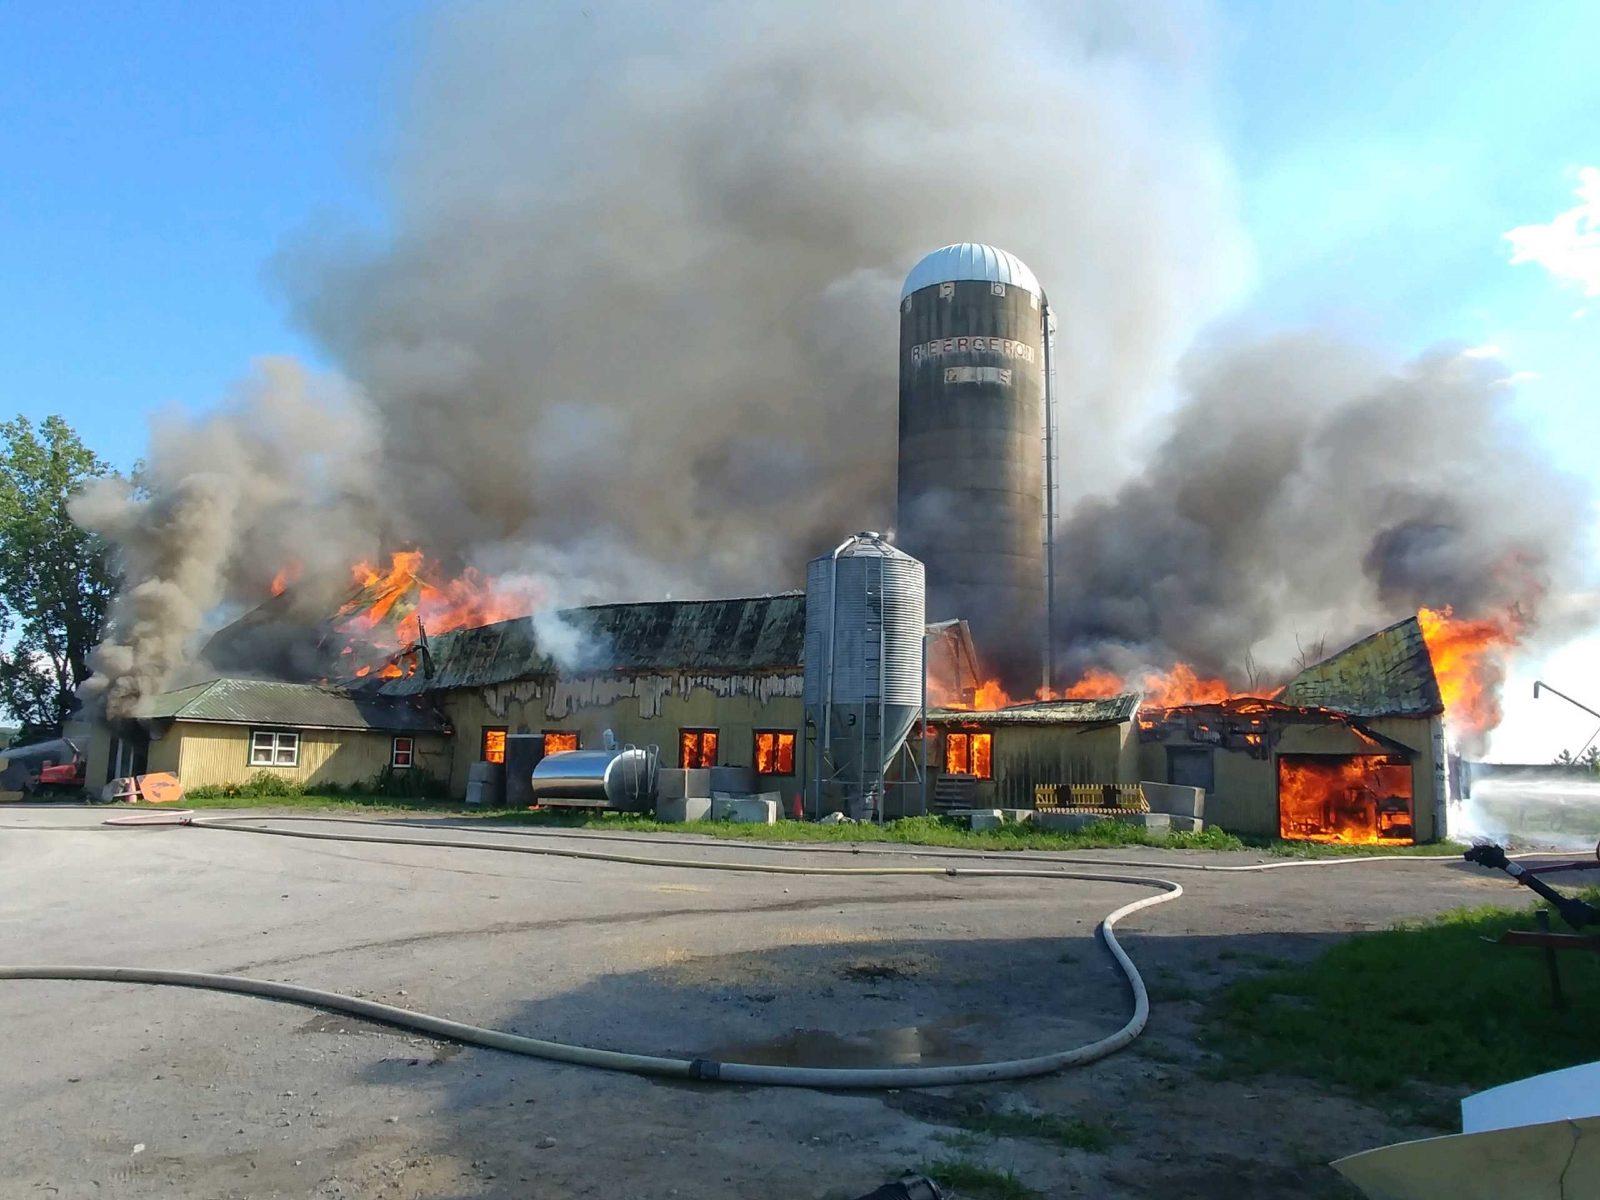 Une cinquantaine de vaches périssent dans un incendie